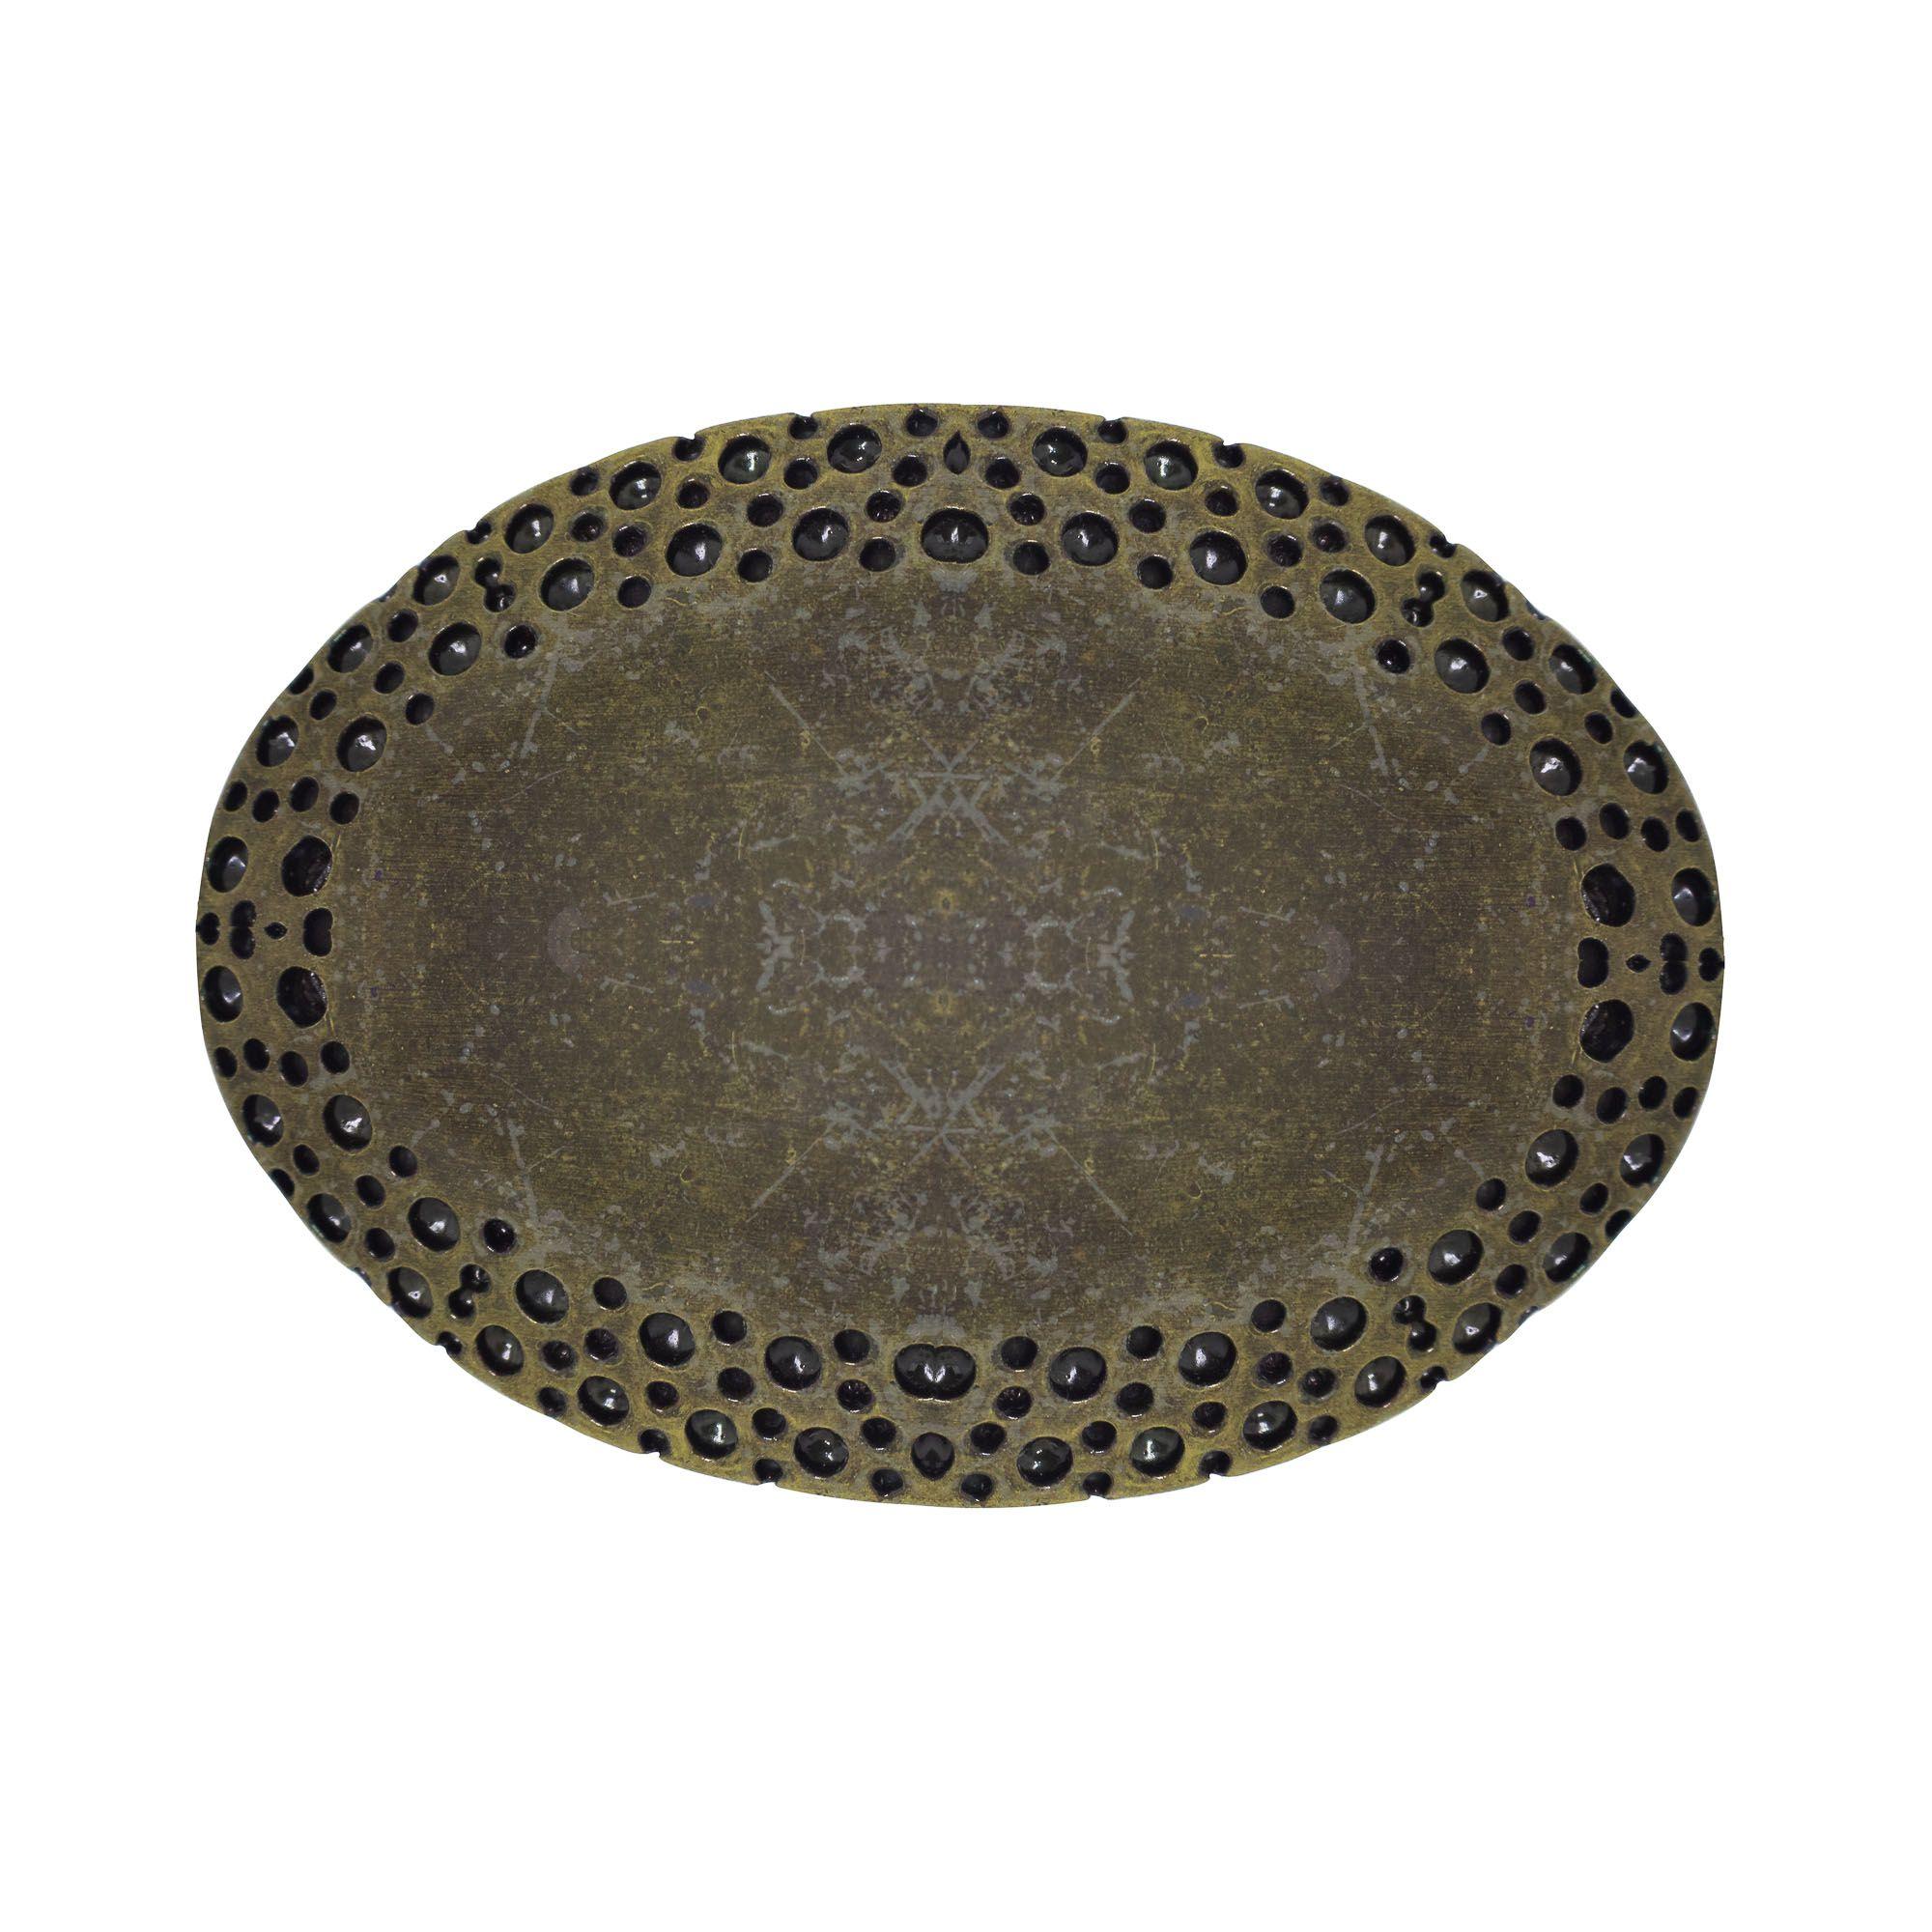 Fivela para cinto troca fivela em metal de ouro velho oval